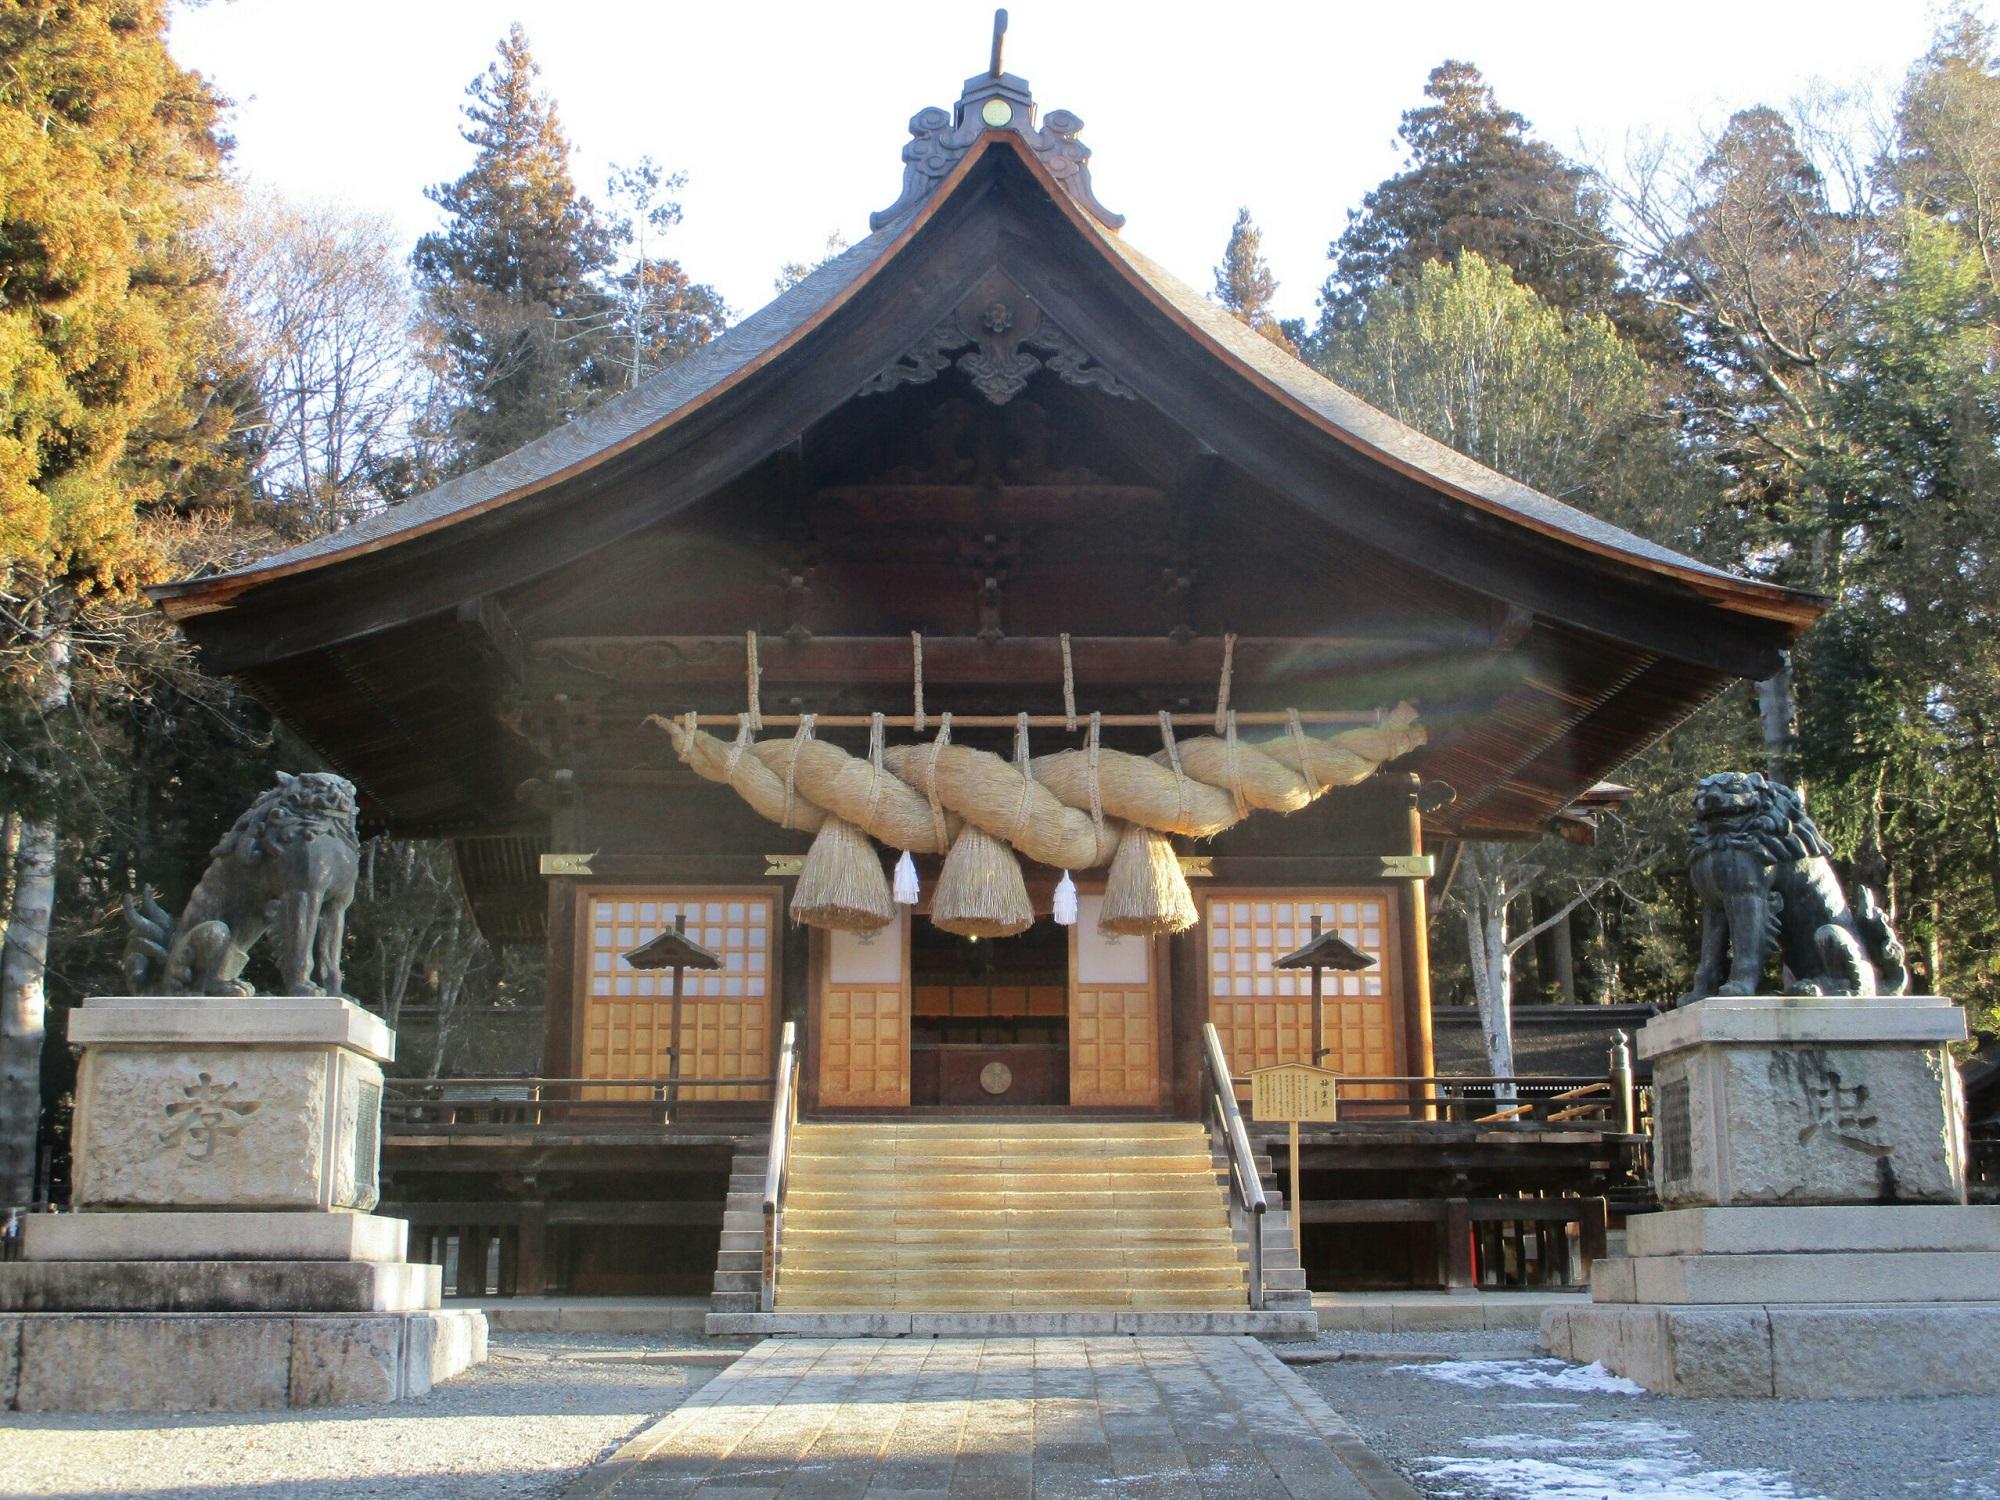 2019.1.25 (5) 諏訪大社下社秋宮 - 神楽殿 2000-1500